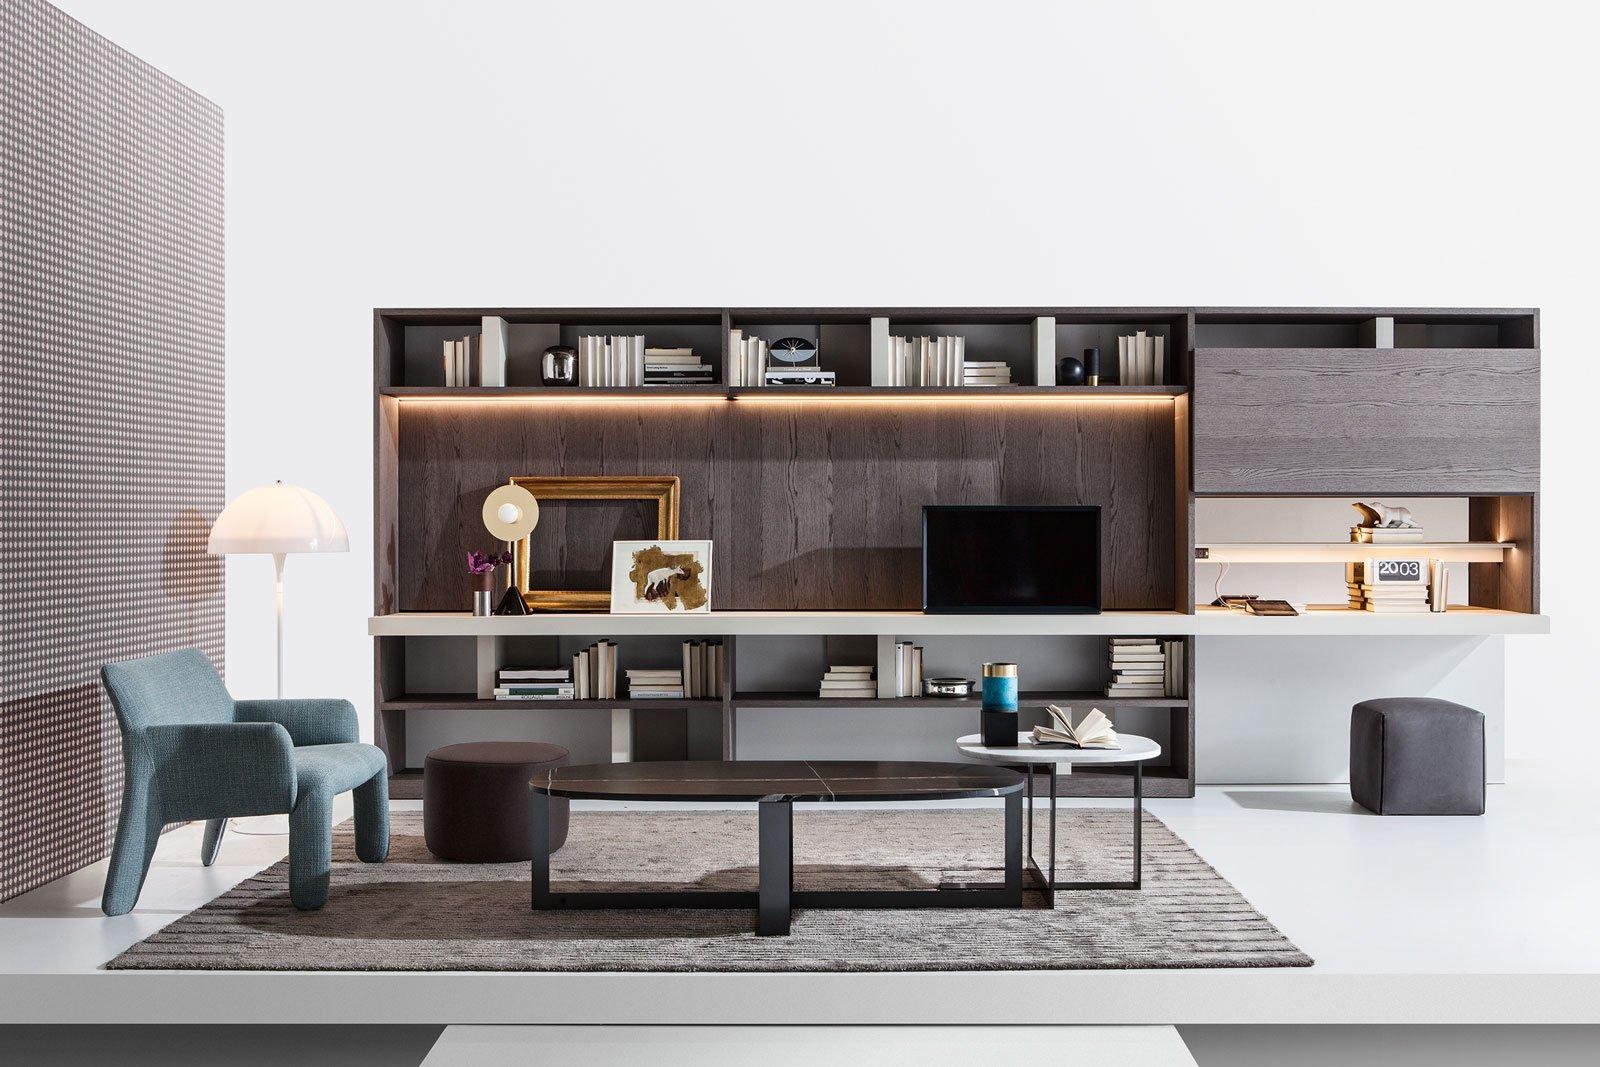 Angolo studio in soggiorno integrato nella libreria o in un mobile trasformabile cose di casa - Immagini di mobili ...